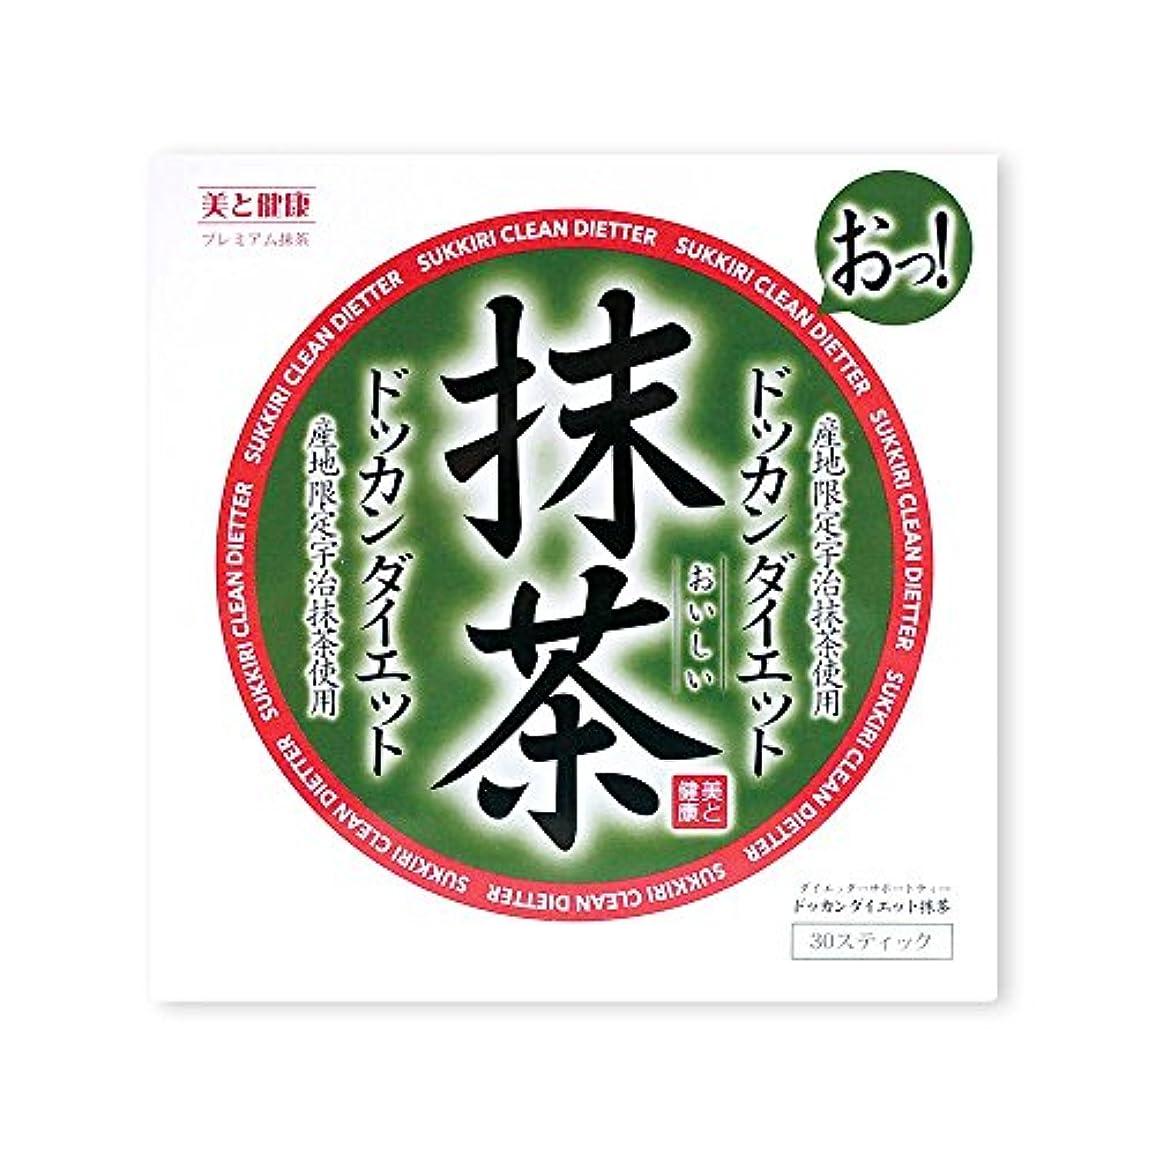 ワーカー中級福祉ハーブ健康本舗 ドッカンダイエット抹茶